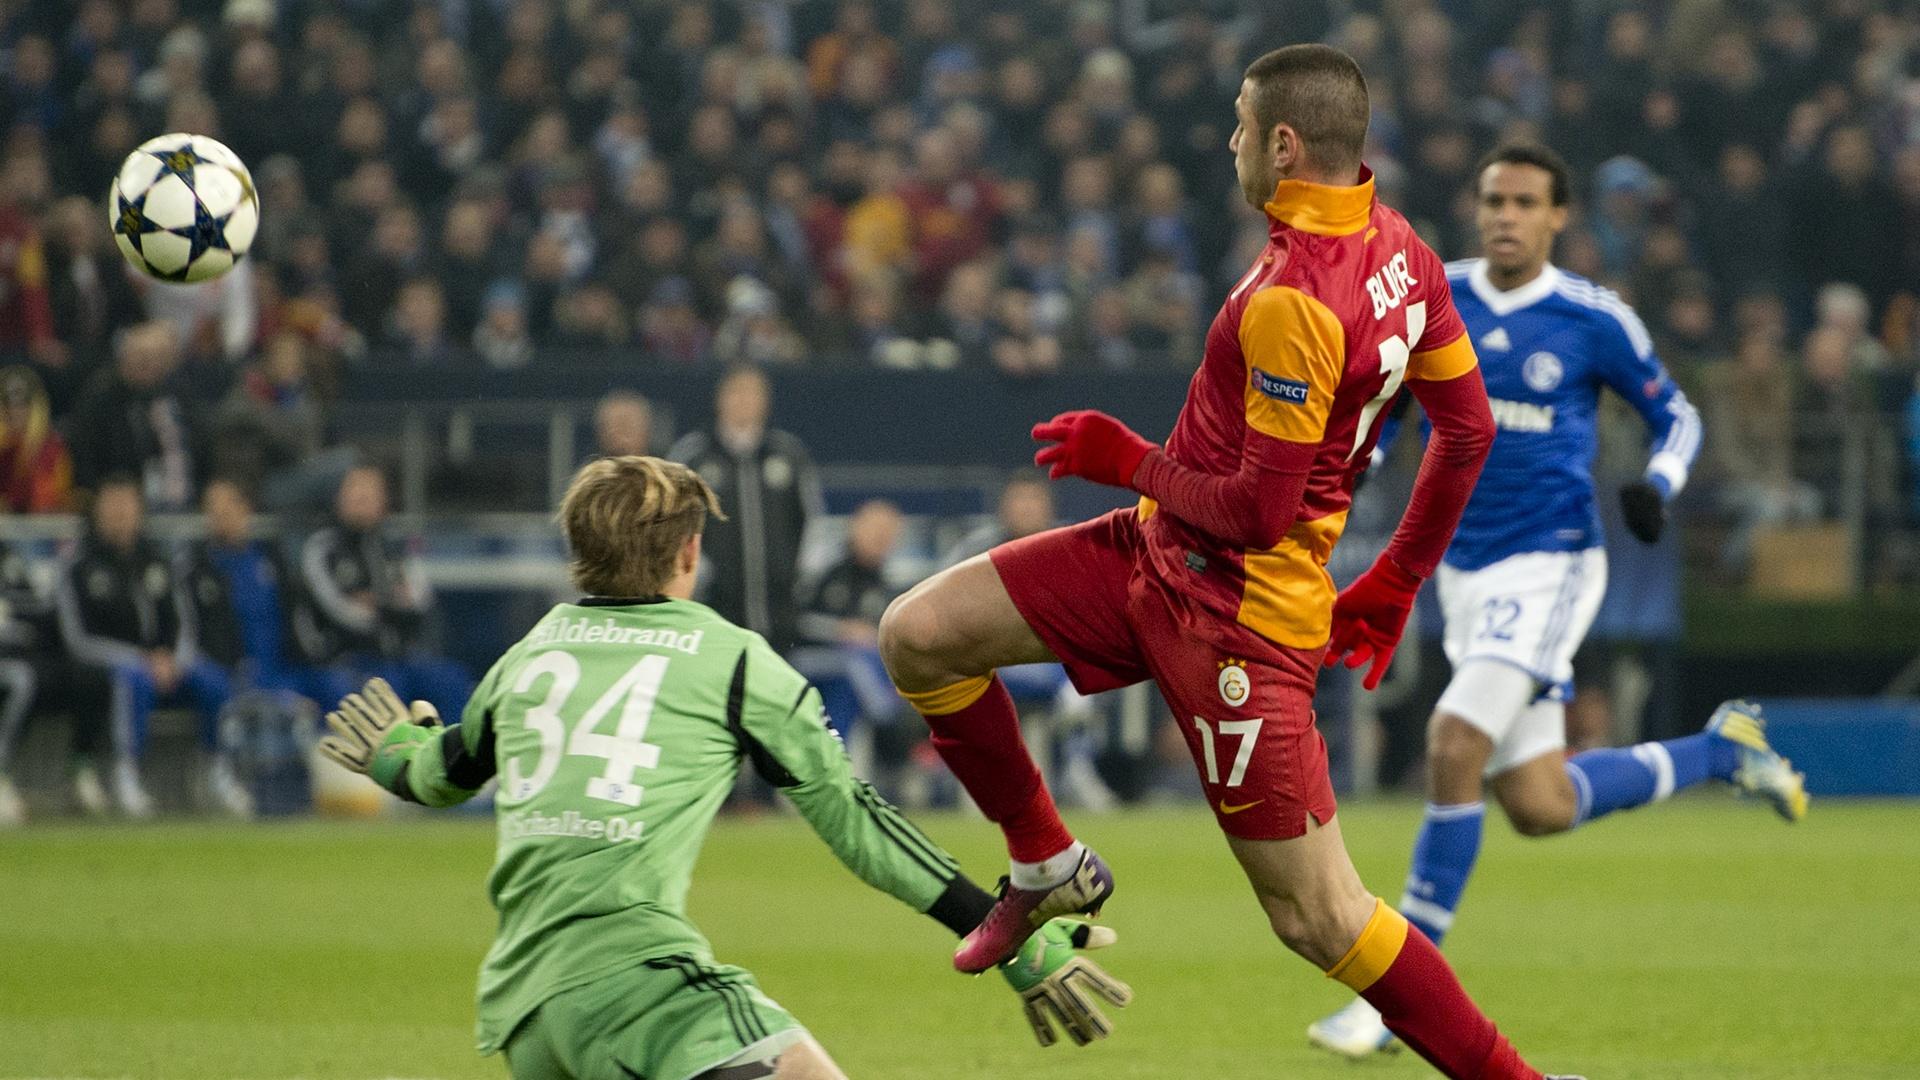 Schalke 04 – Galatasaray Şampiyonlar Ligi maçı ne zaman, saat kaçta, hangi kanalda